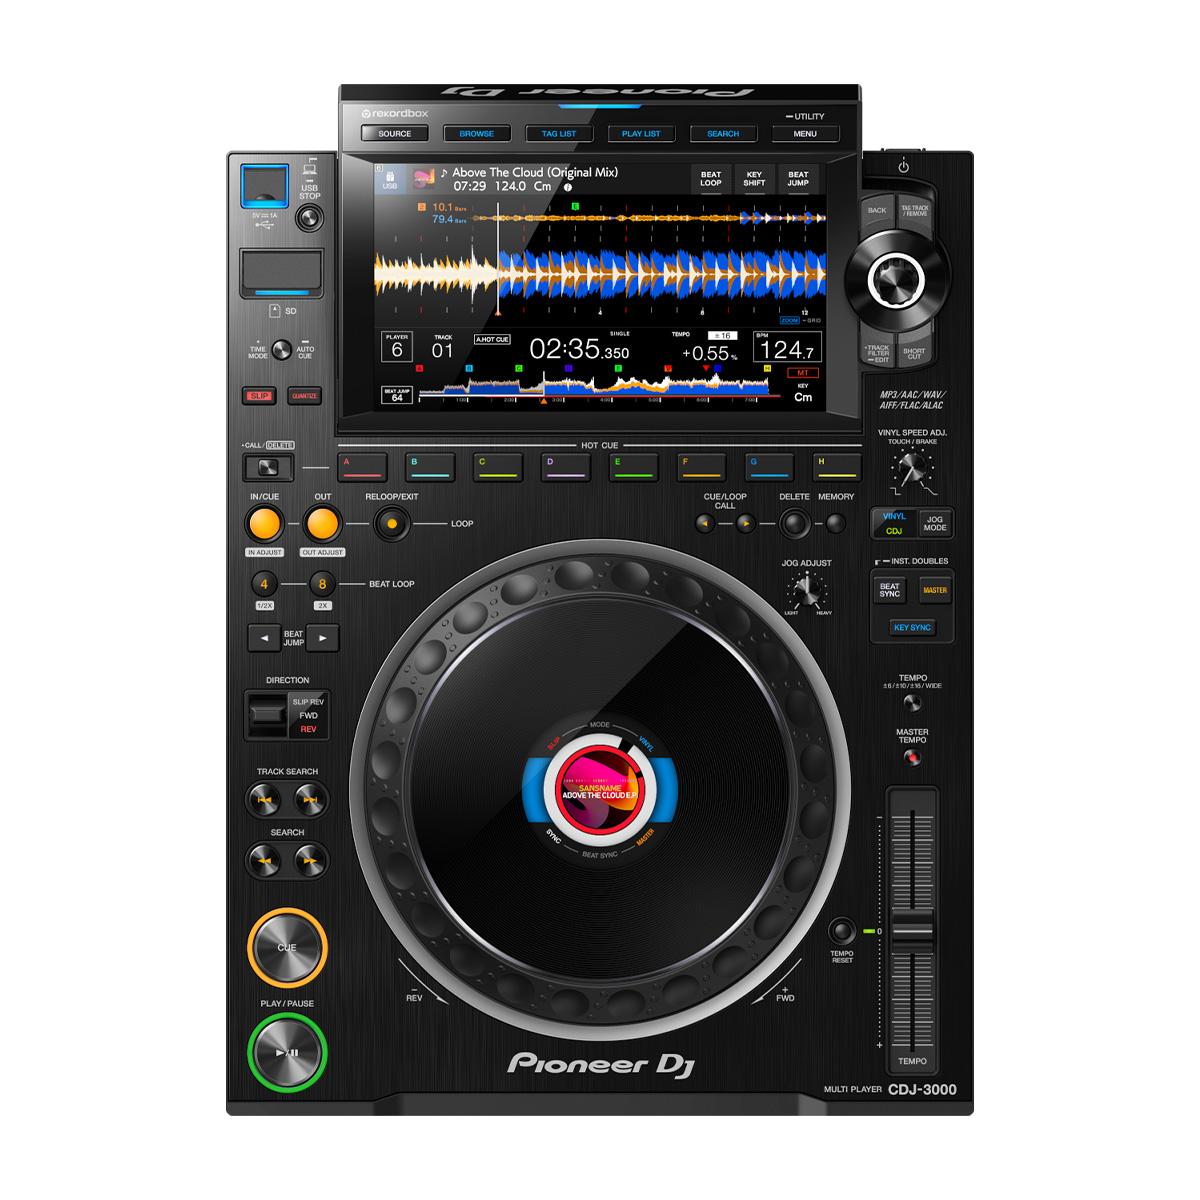 お見舞い NEW ARRIVAL 2020年代を代表するCDJ Pioneer DJ CDJ-3000 パイオニア プロフェッショナル ハイレゾ対応 DJマルチプレイヤー